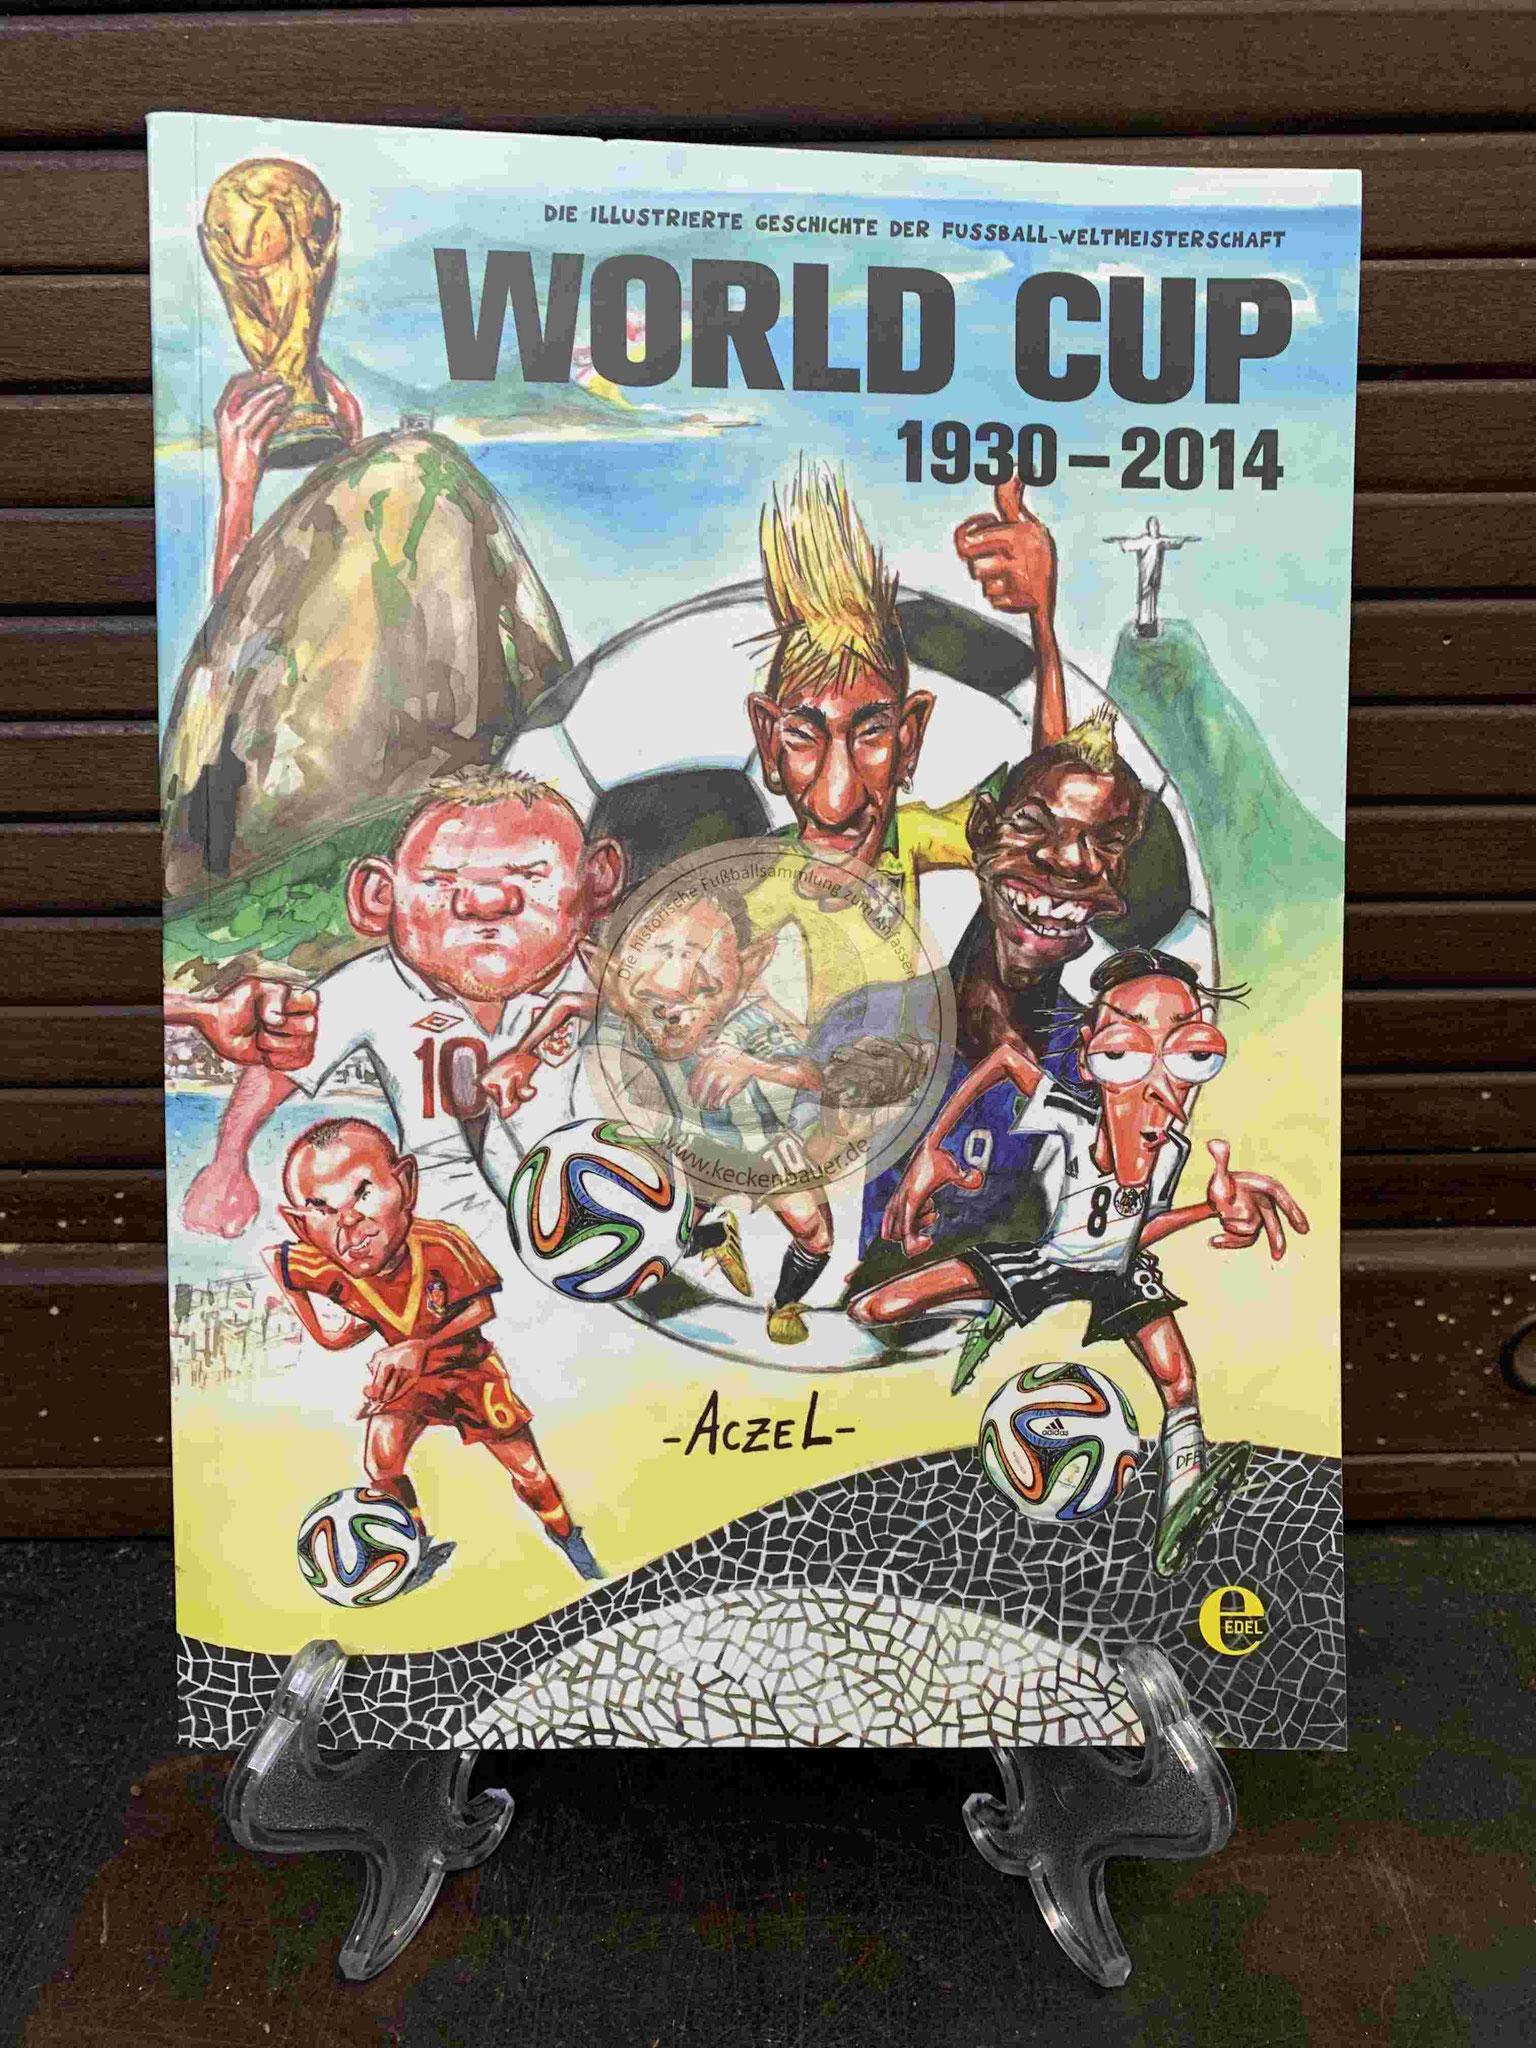 World Cup 1930 - 2014 Die illustrierte Geschichte richte der Fußball Weltmeisterschaft aus dem Jahr 2014